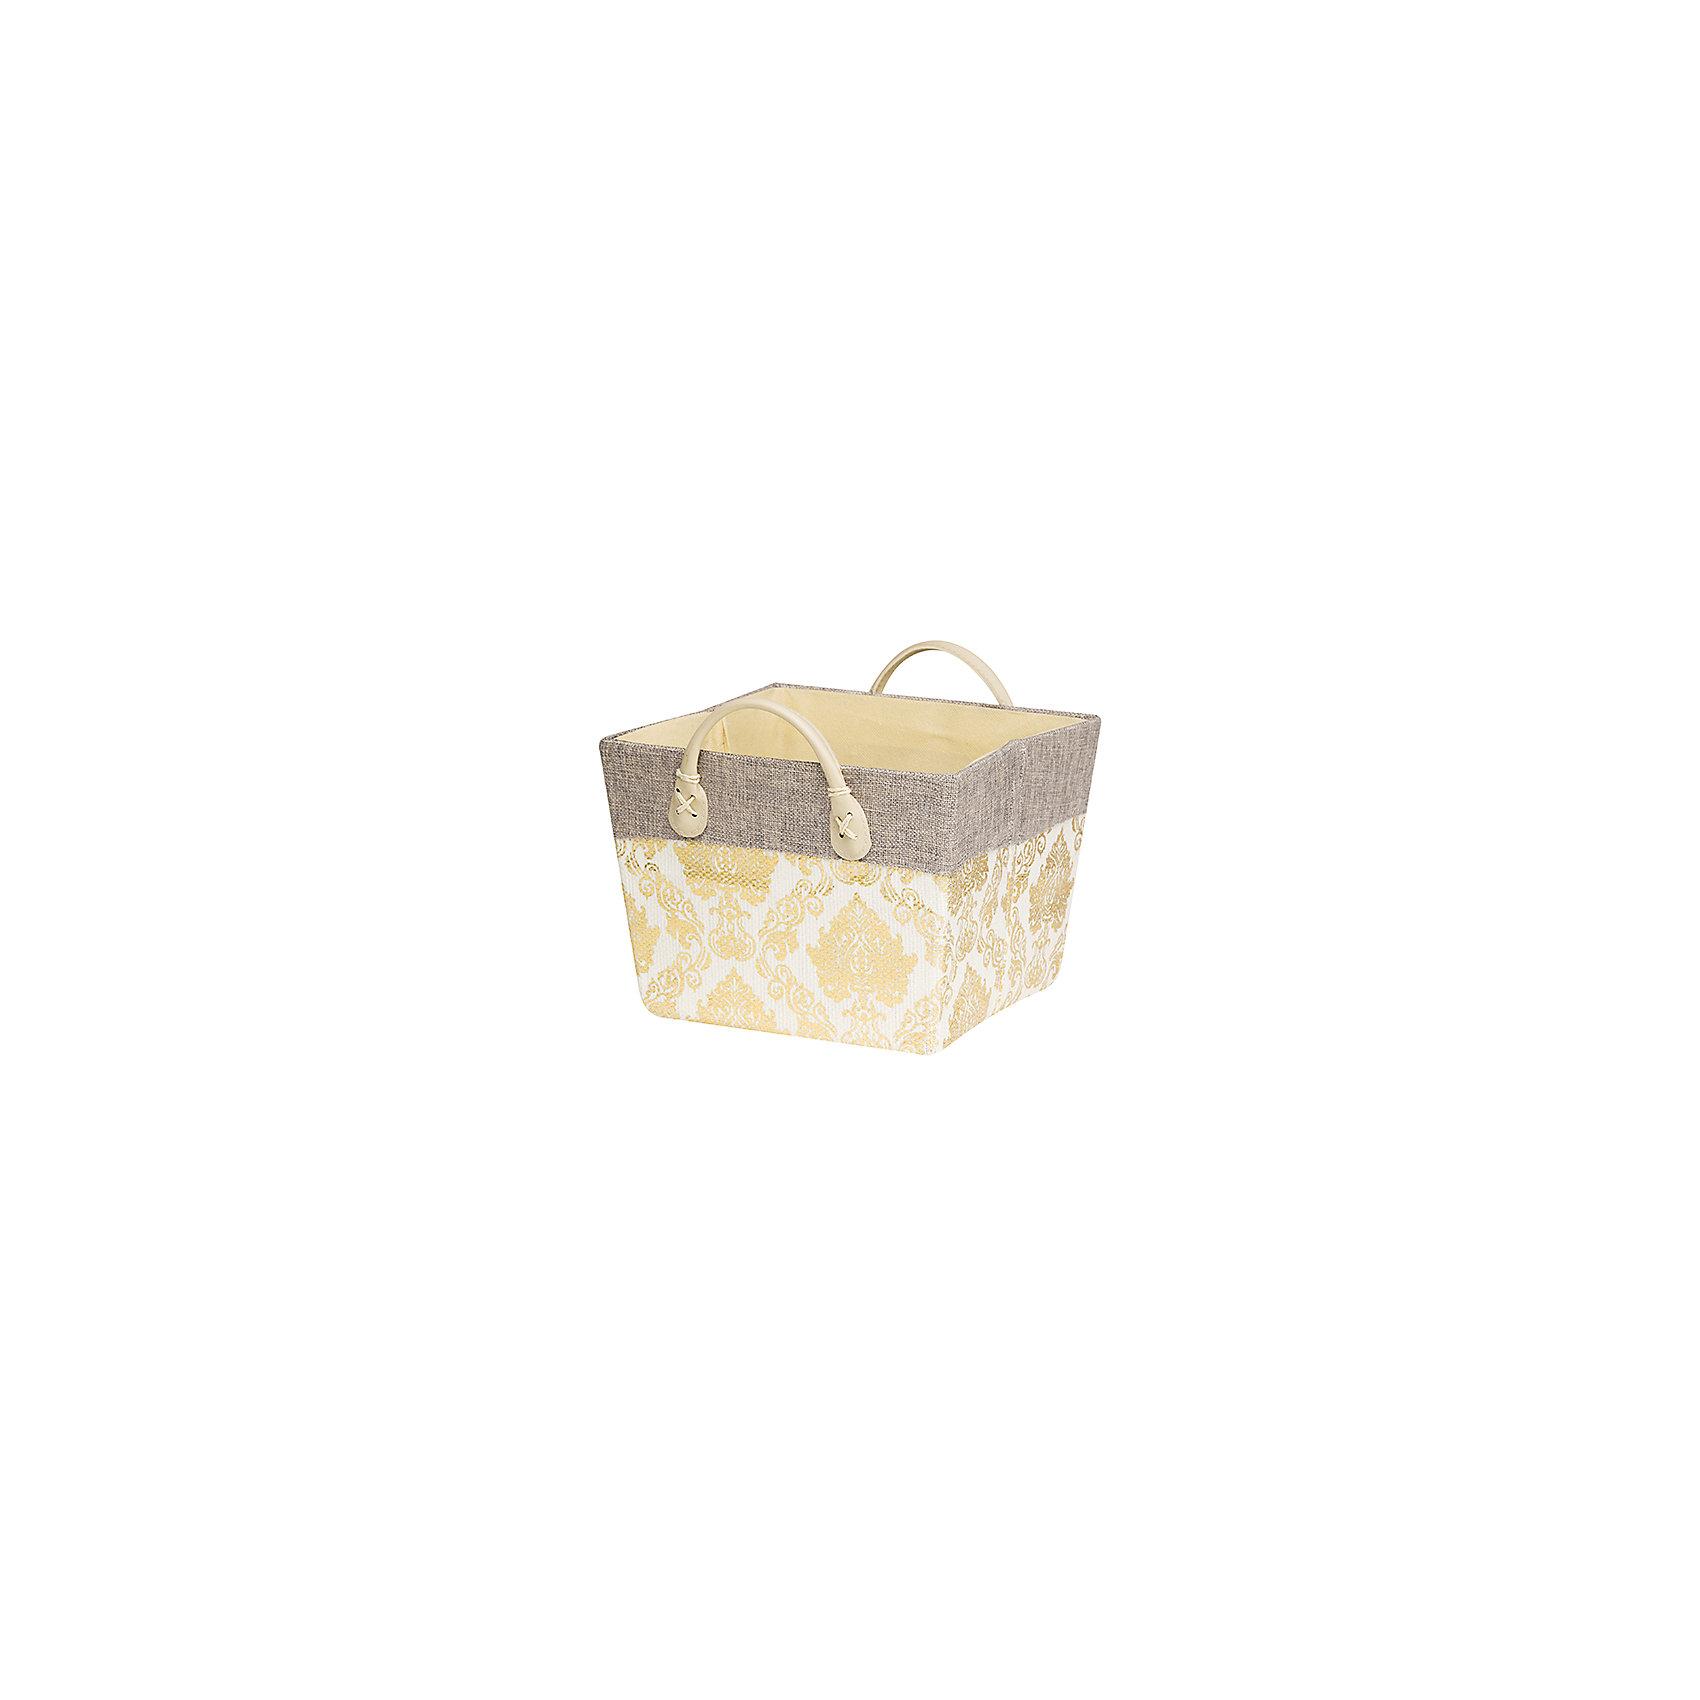 Кофр складной для хранения 24*24*18 см. Золотой узор, EL CasaПорядок в детской<br>Кофр  с жестким каркасом для хранения. Благодаря  специальным вставкам  кофр прекрасно держит форму, а эстетичный дизайн гармонично смотрится в любом интерьере. Легко складывается и раскладывается, имеет ручки для удобства.<br><br>Ширина мм: 260<br>Глубина мм: 240<br>Высота мм: 37<br>Вес г: 430<br>Возраст от месяцев: 0<br>Возраст до месяцев: 1188<br>Пол: Унисекс<br>Возраст: Детский<br>SKU: 6668730